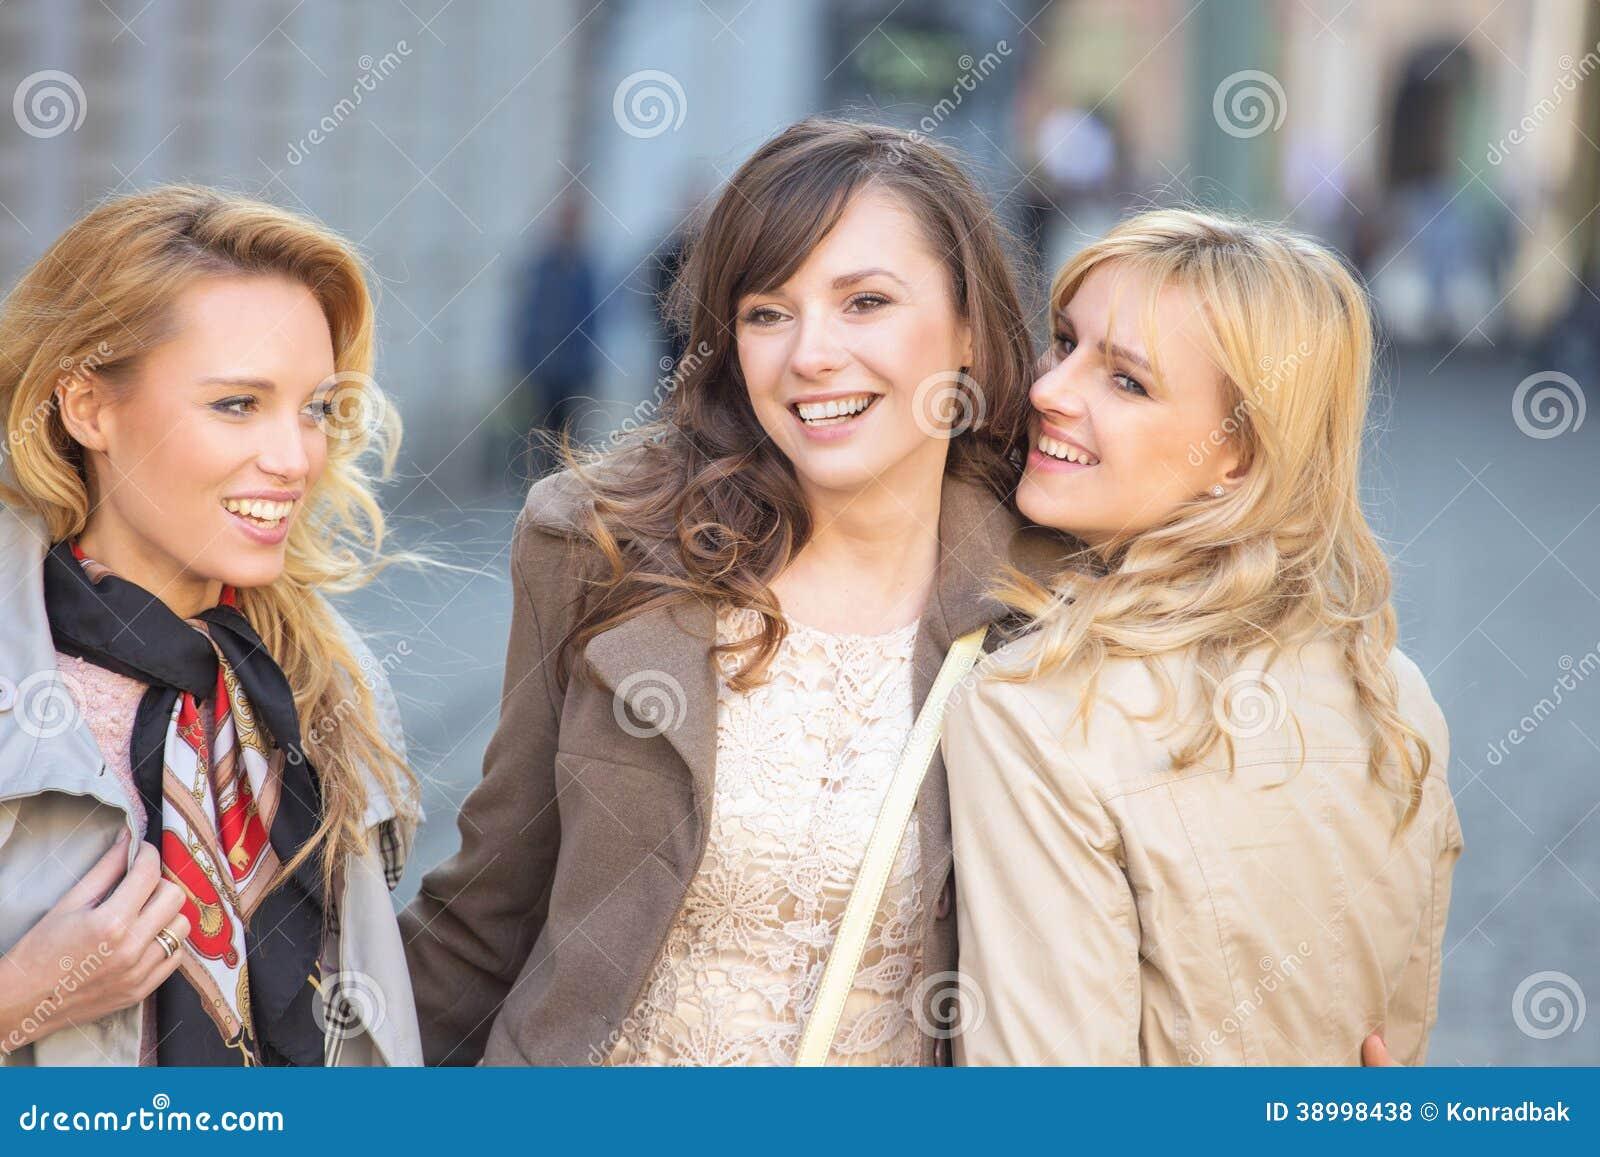 Lächeln mit drei junges schönes Damen